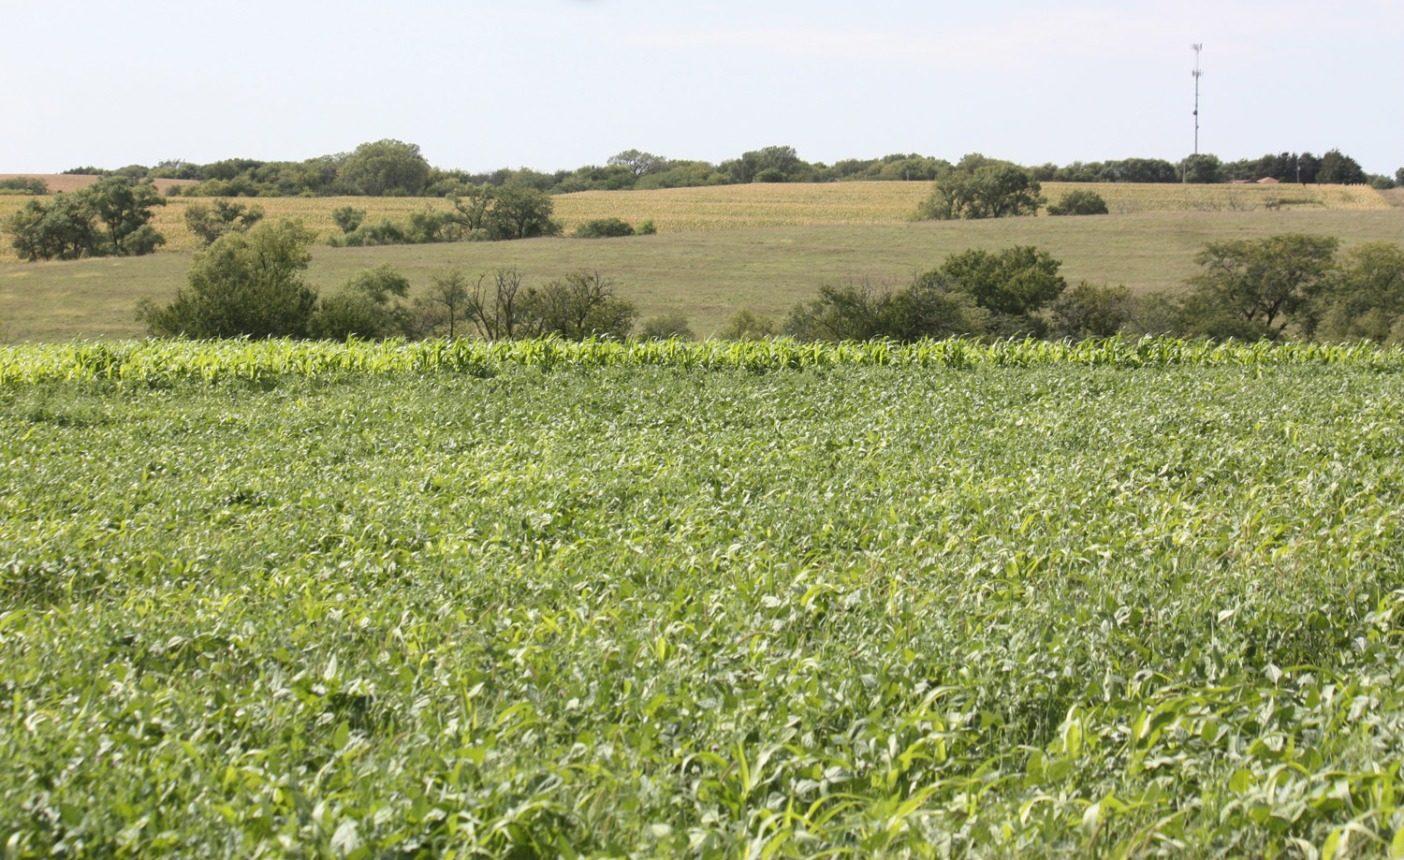 フィッケは牧草とトウモロコシを2つの目的で栽培する。それは畜牛の飼料としてだけでなく、土壌に水分や栄養分を蓄えることに役立つ被覆作物も兼ねる。Photo:Del Ficke